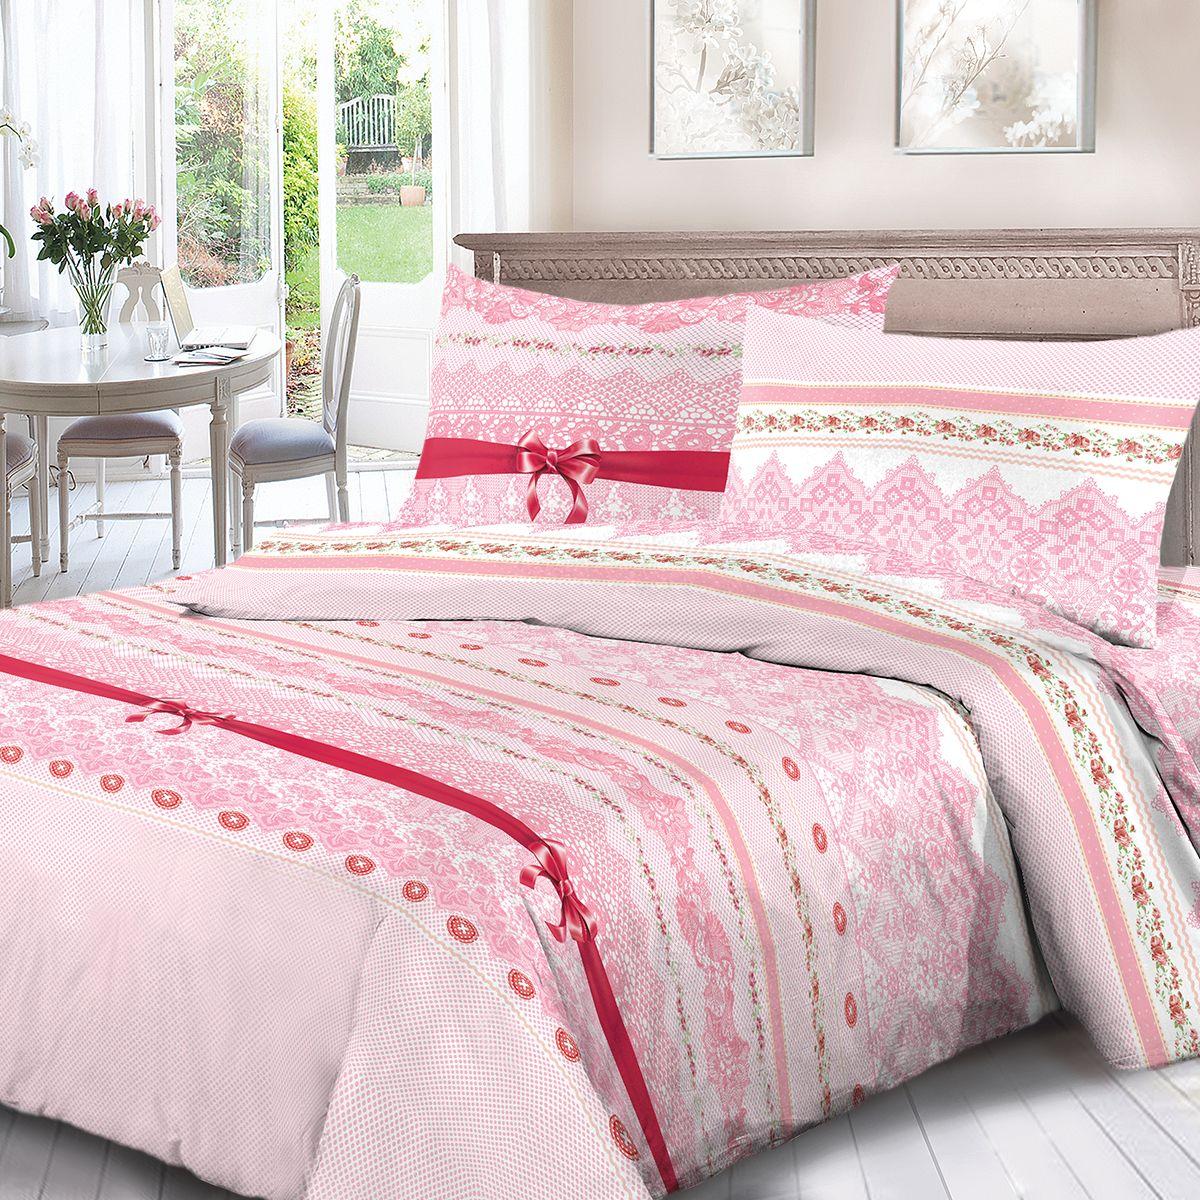 Комплект белья Для Снов Бал, 1,5 спальное, наволочки 70x70, цвет: розовый. 4062-183517